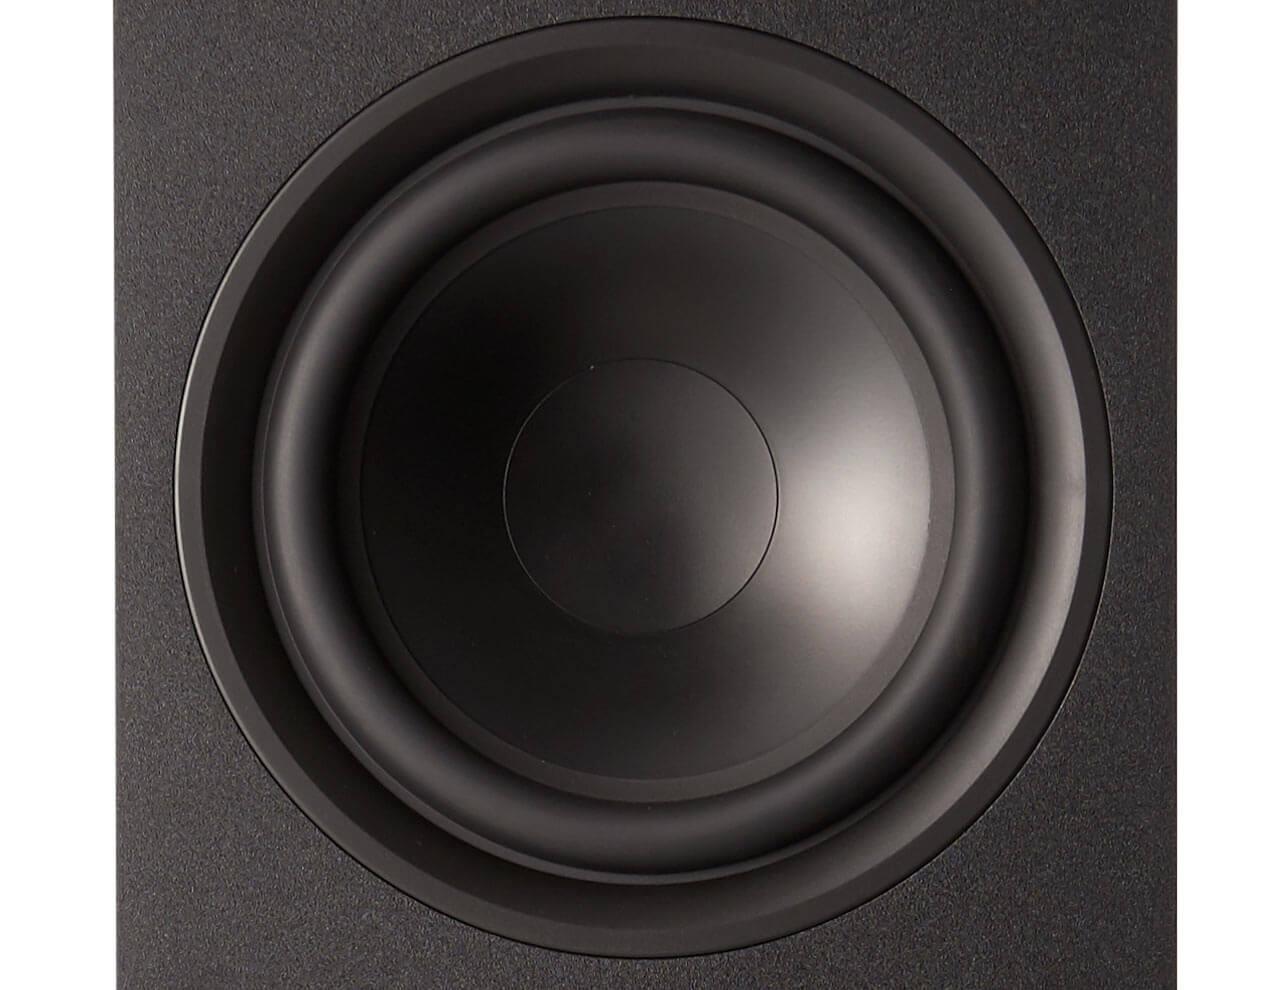 Die Saxx Truesound TS 900 ist mit zwei 8-Zöllern für den Bass- und Mitteltonbereich bestückt